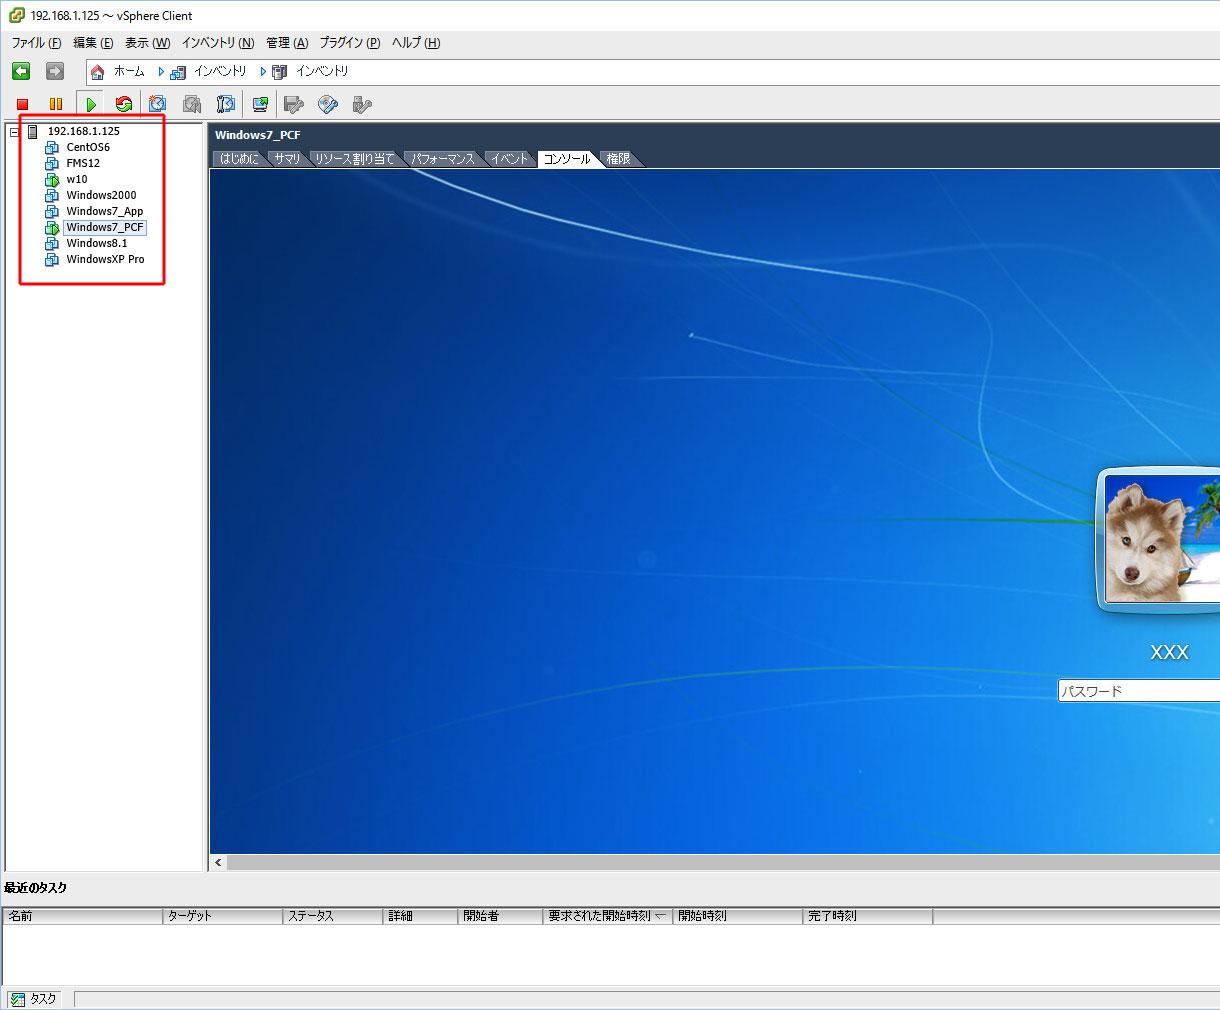 VMware_Server4_01 仮想化サーバー VMware vSphere Hypervisor6でwindowsXPを動かす!!